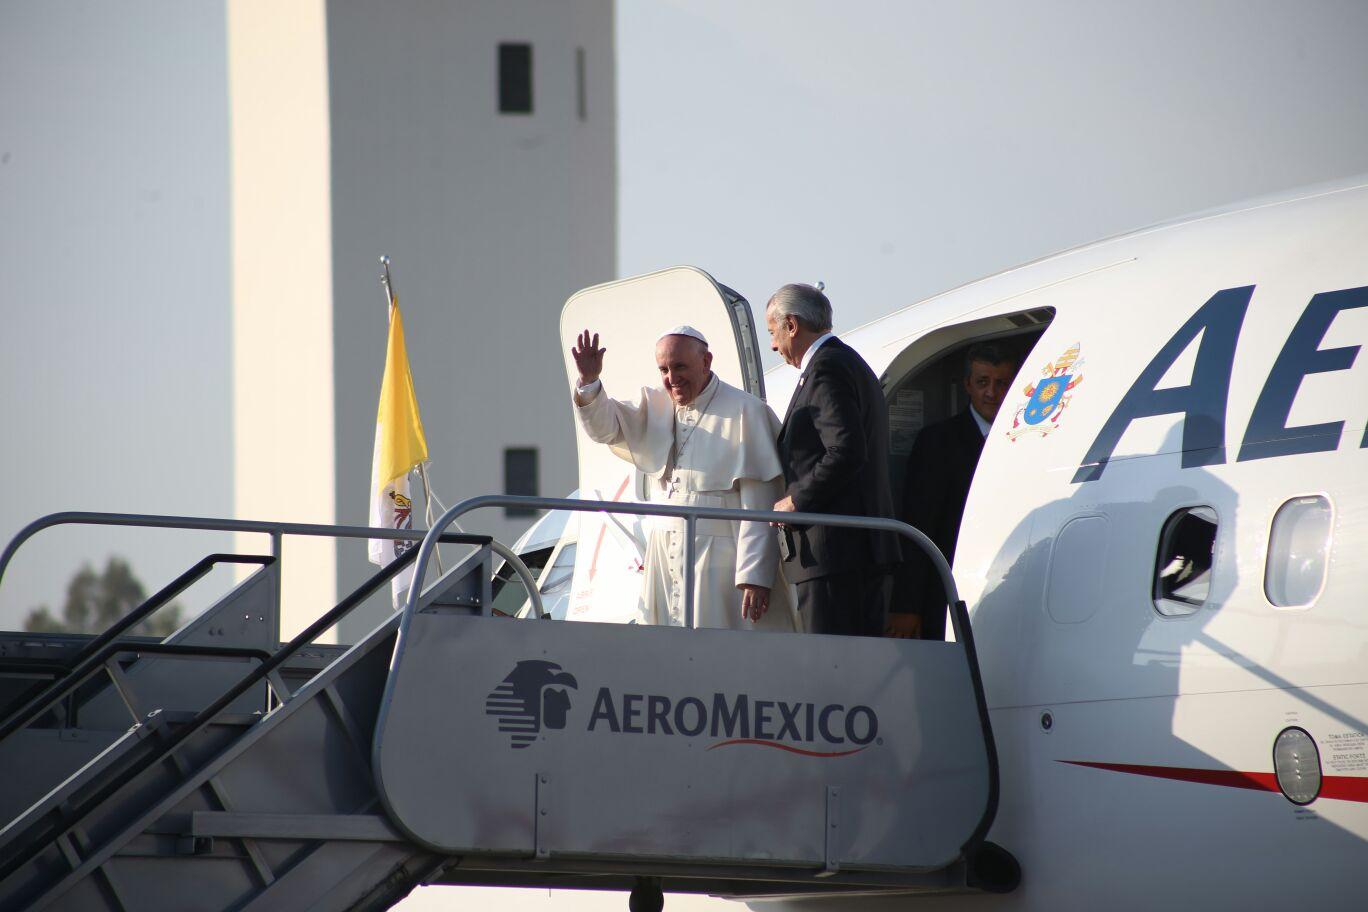 El Papa, Ayotzinapa, el Estado Laico, y los que no terminan de entender